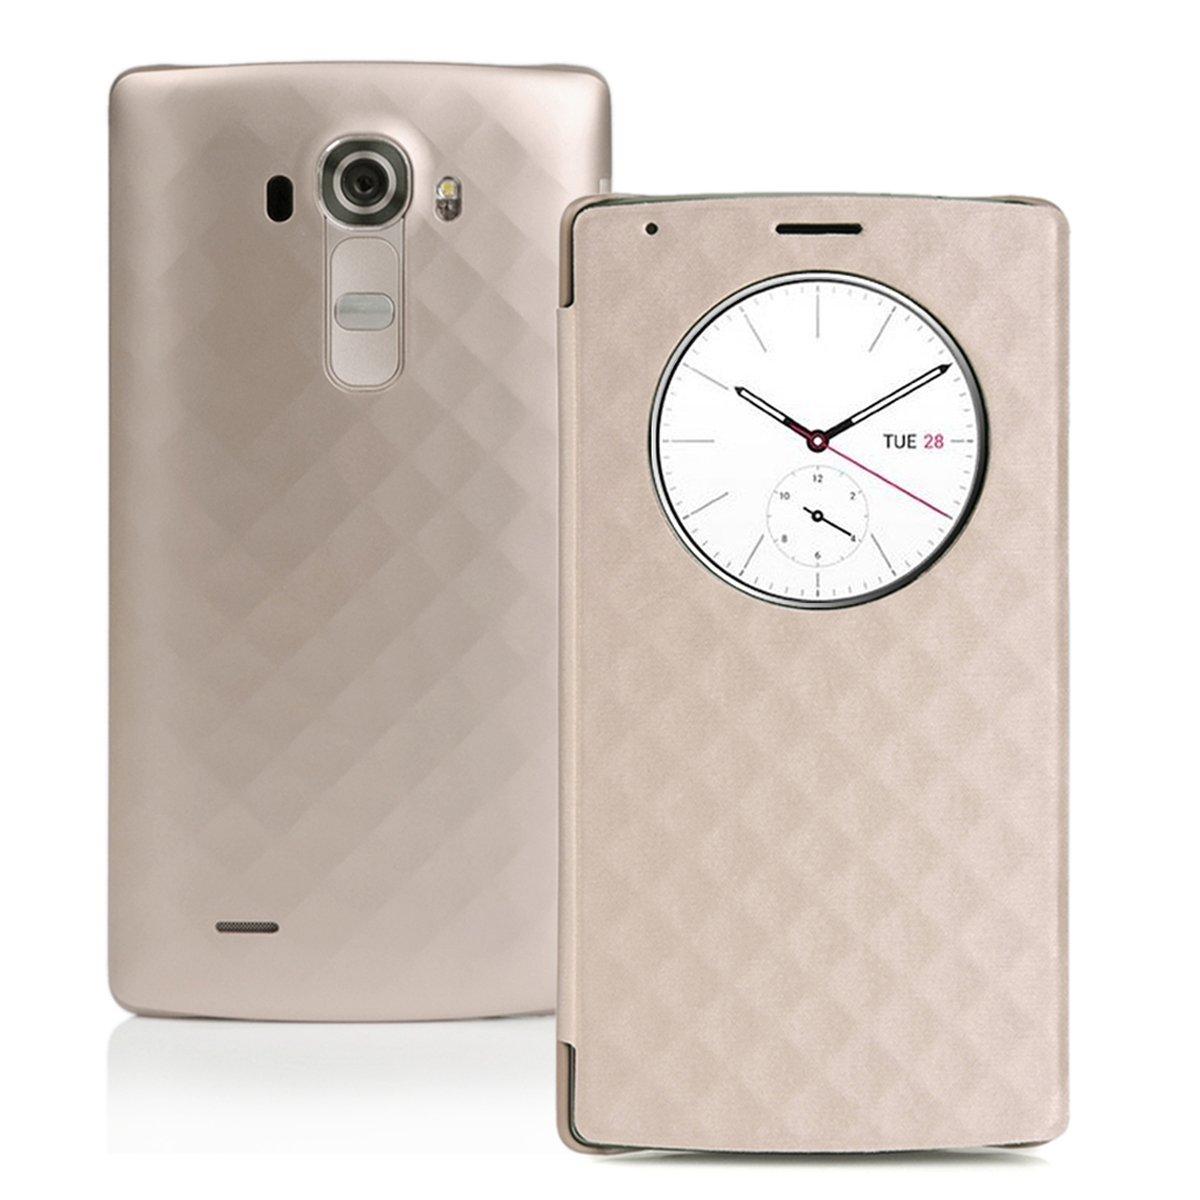 Estuche LG G4 , Estuche CHOETECH LG G4 Quick Circle Cargador Inalambrico Estuche Cargador Inalámbrico Qi , con Ventana de Despertarse/Dormir ...